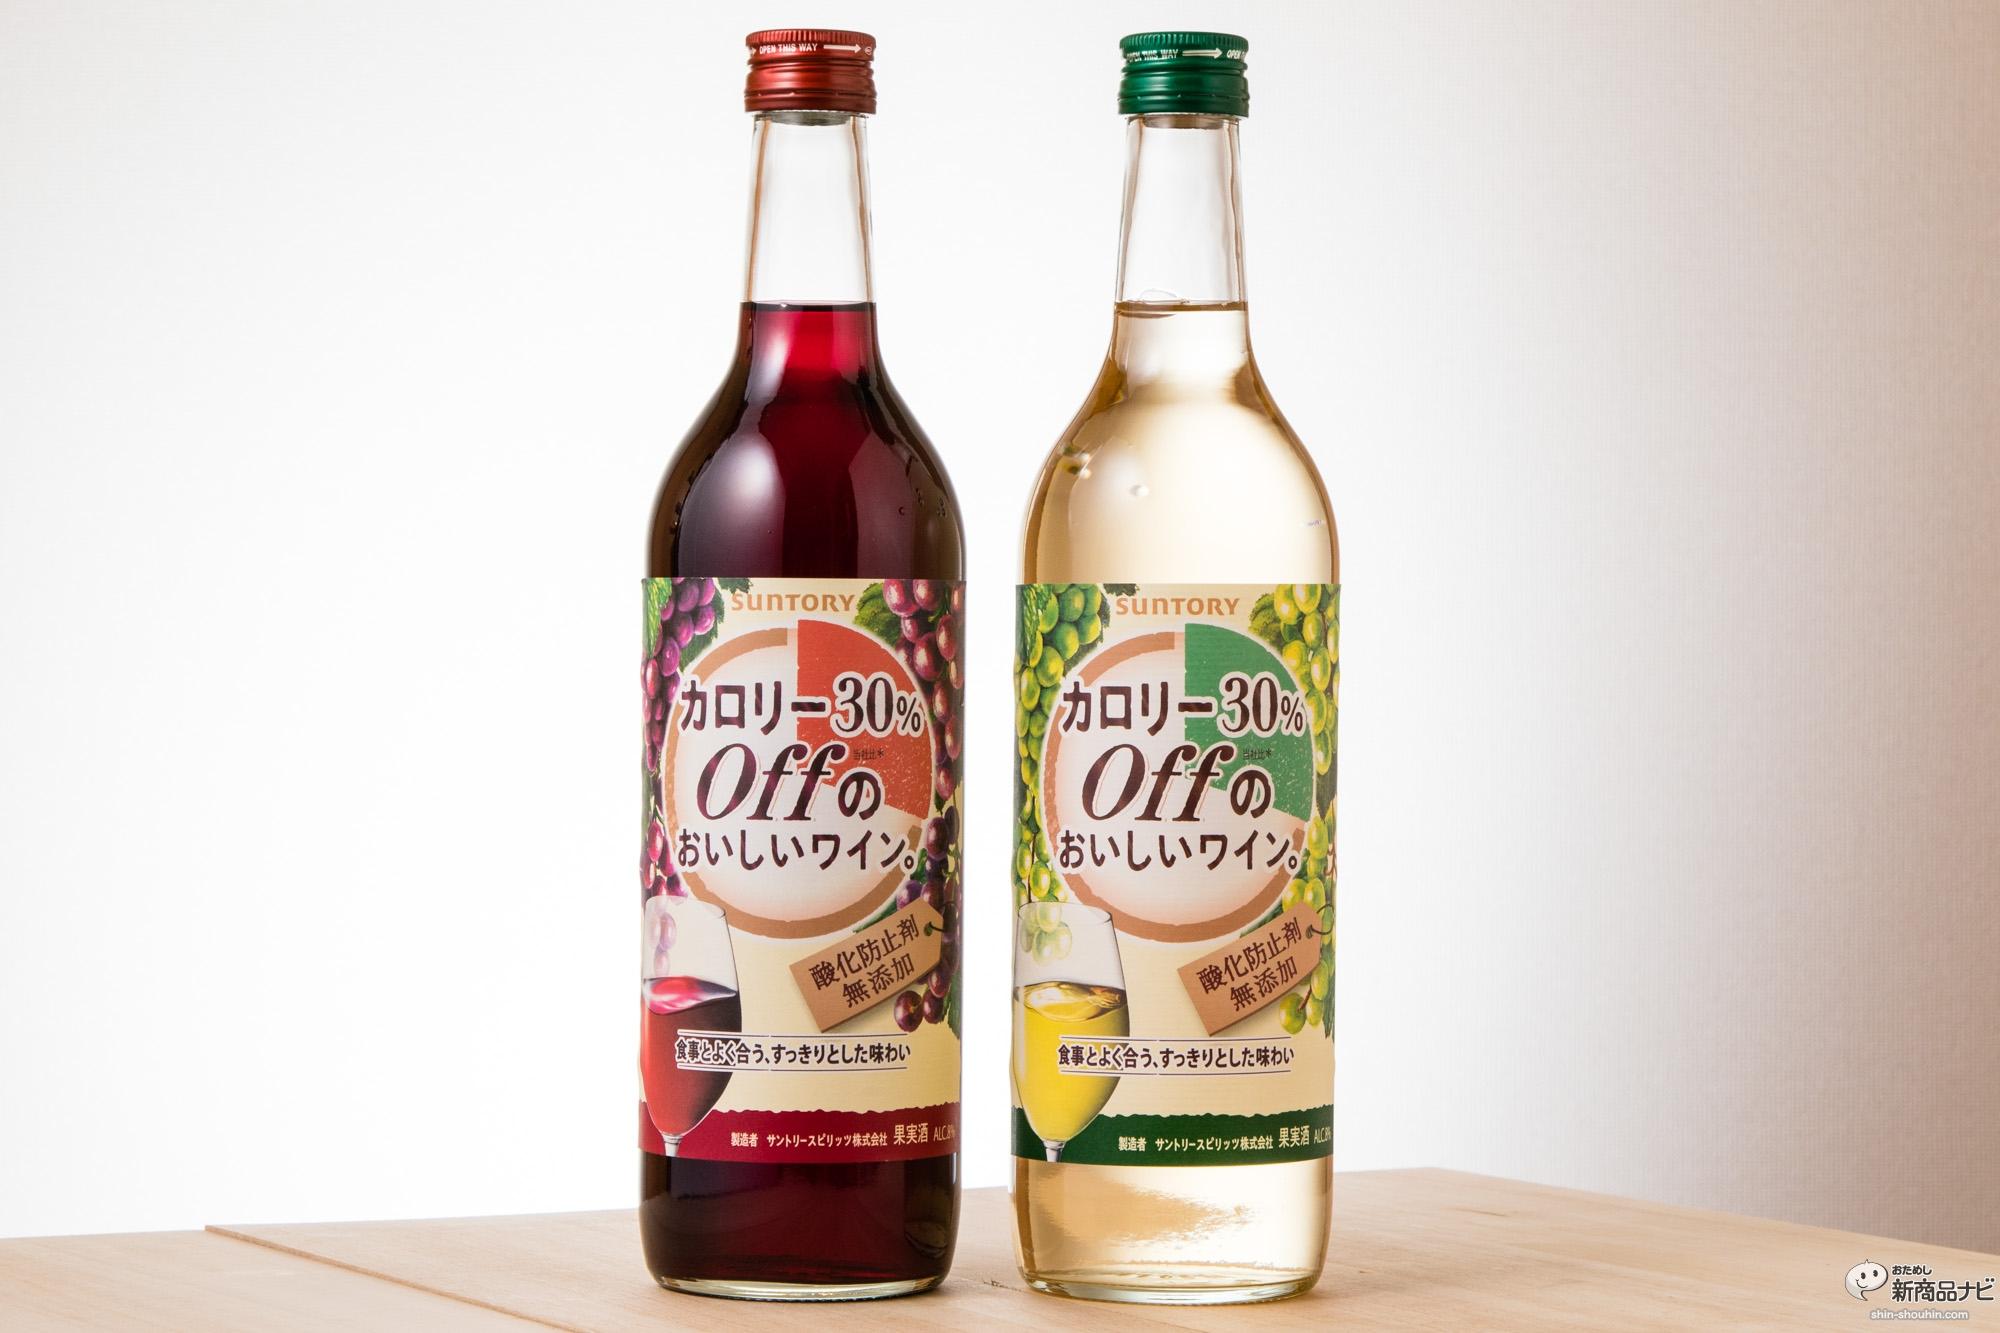 『カロリー30%offのおいしいワイン。(酸化防止剤無添加)』は低アルコール・ブームのワイン部門を担う逸材!